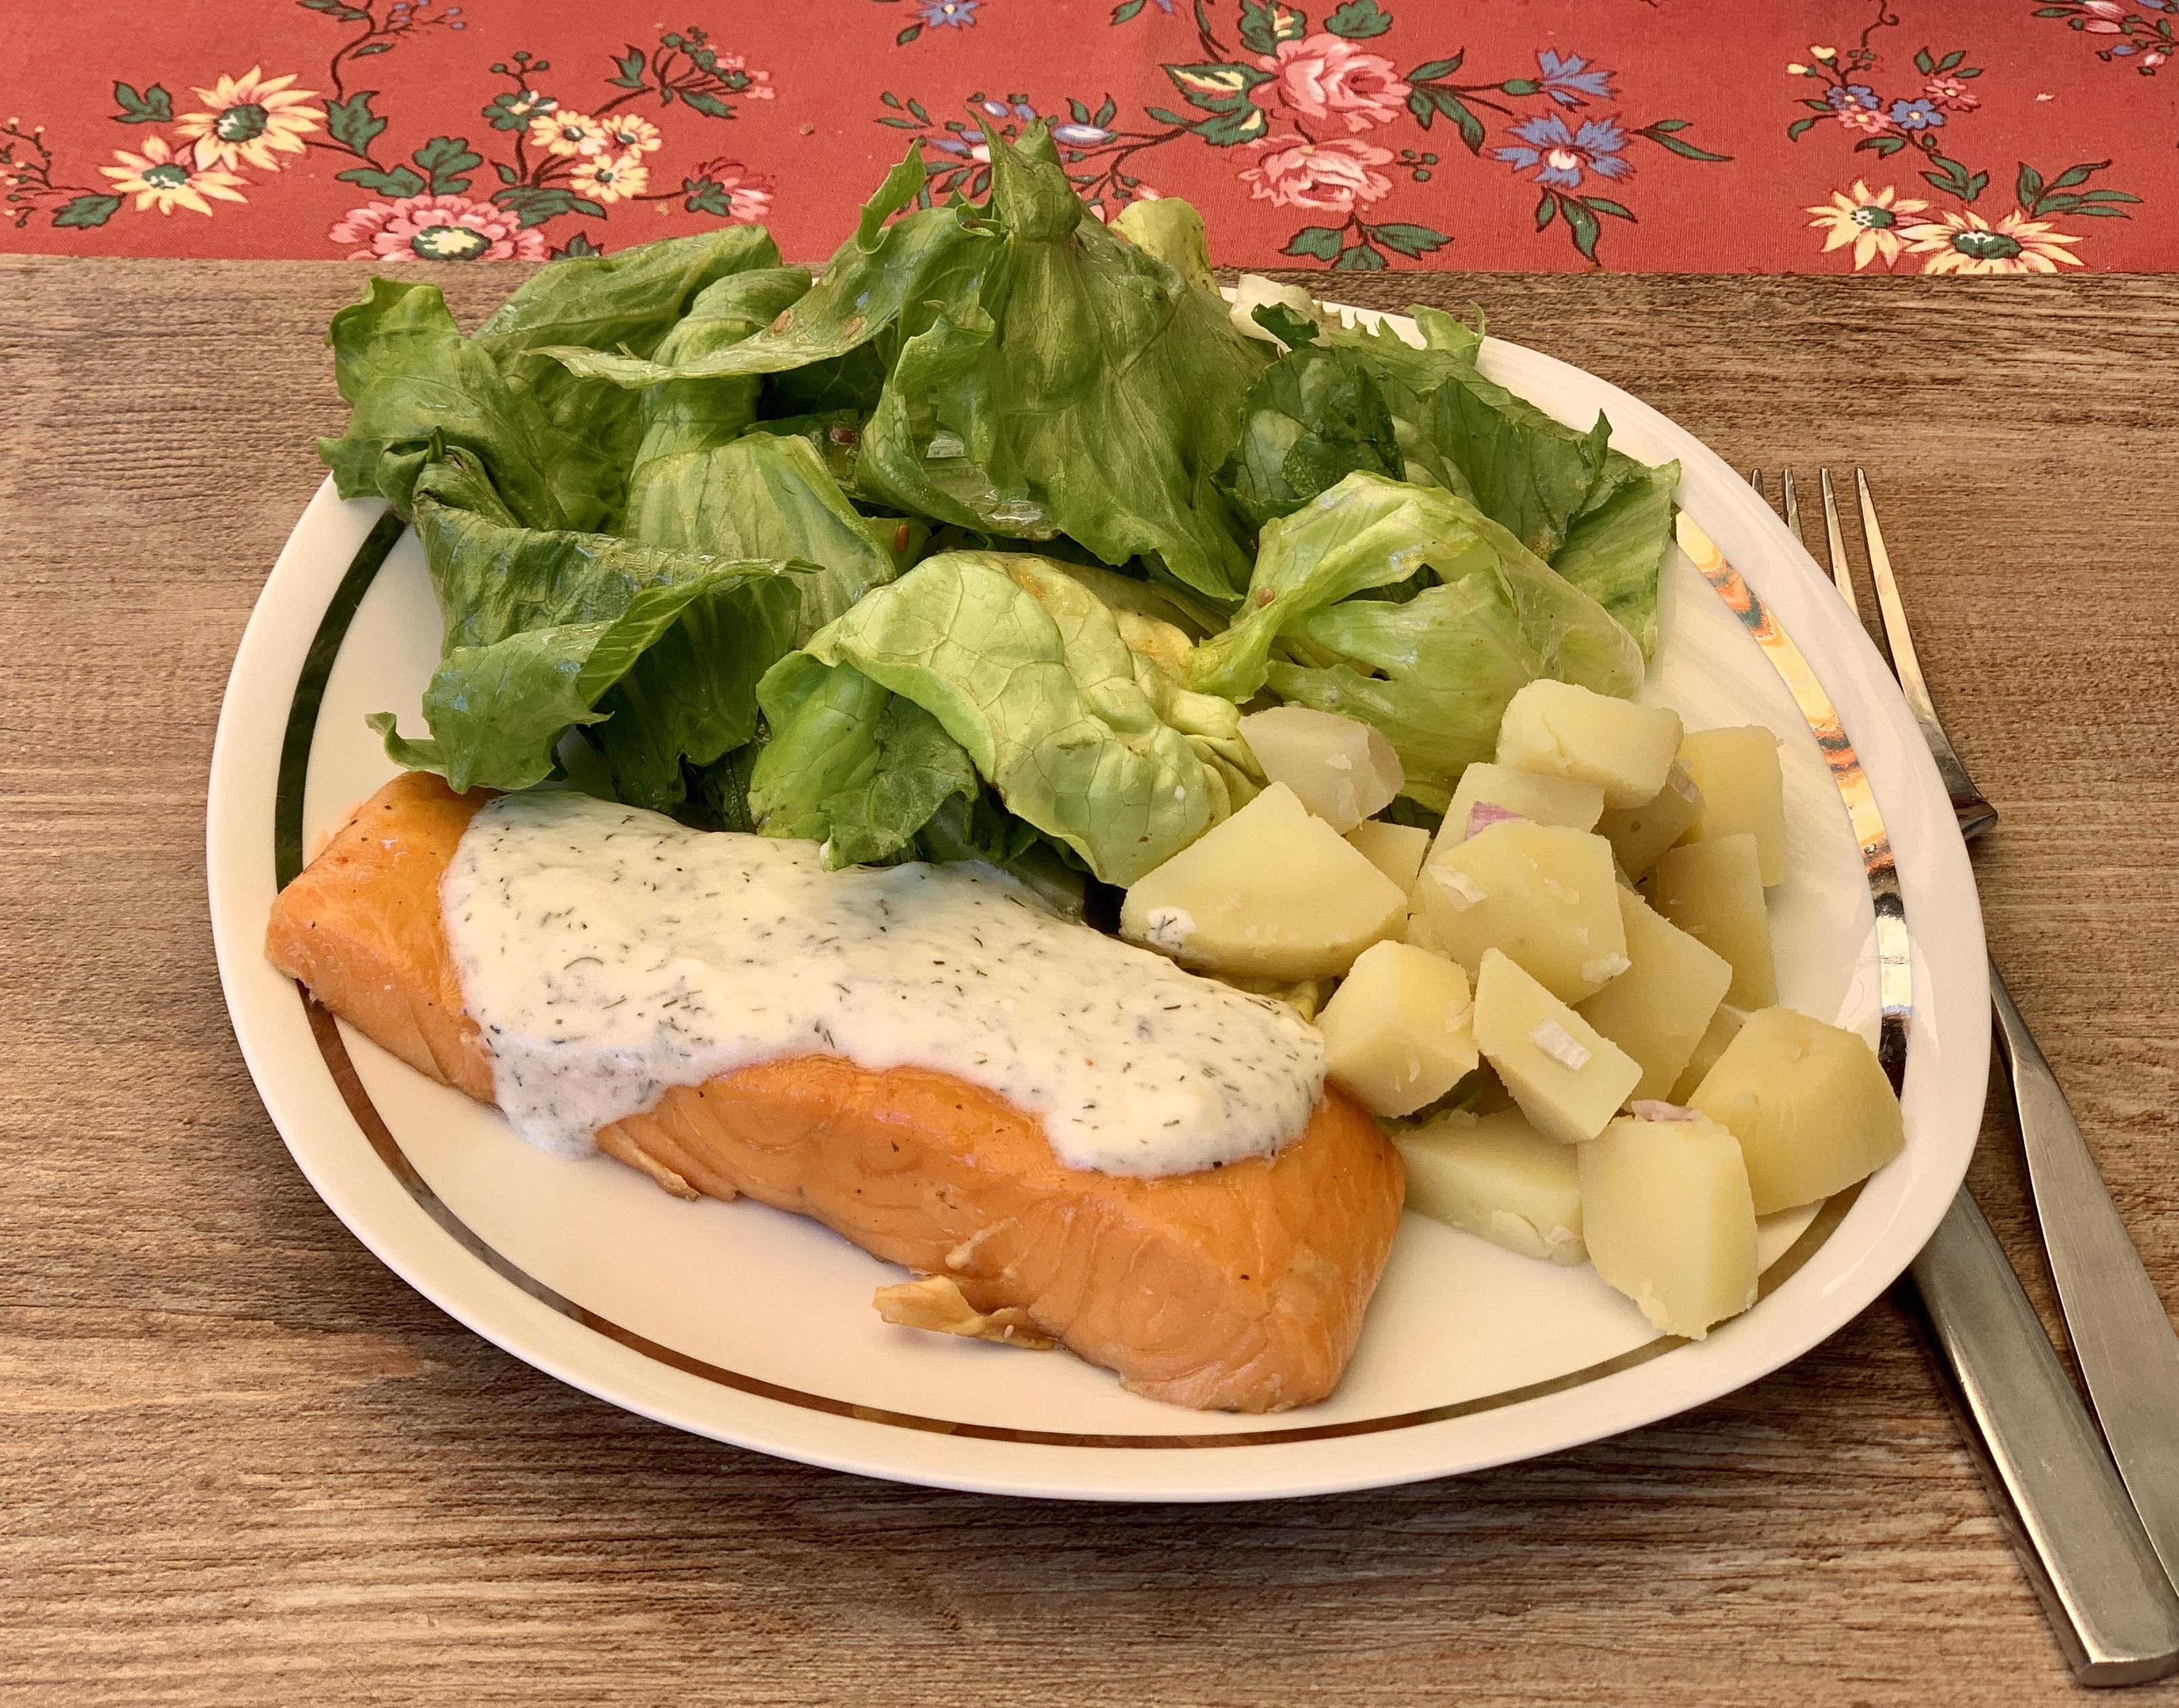 프랑스 시어머니 집밥요리 - 생선편